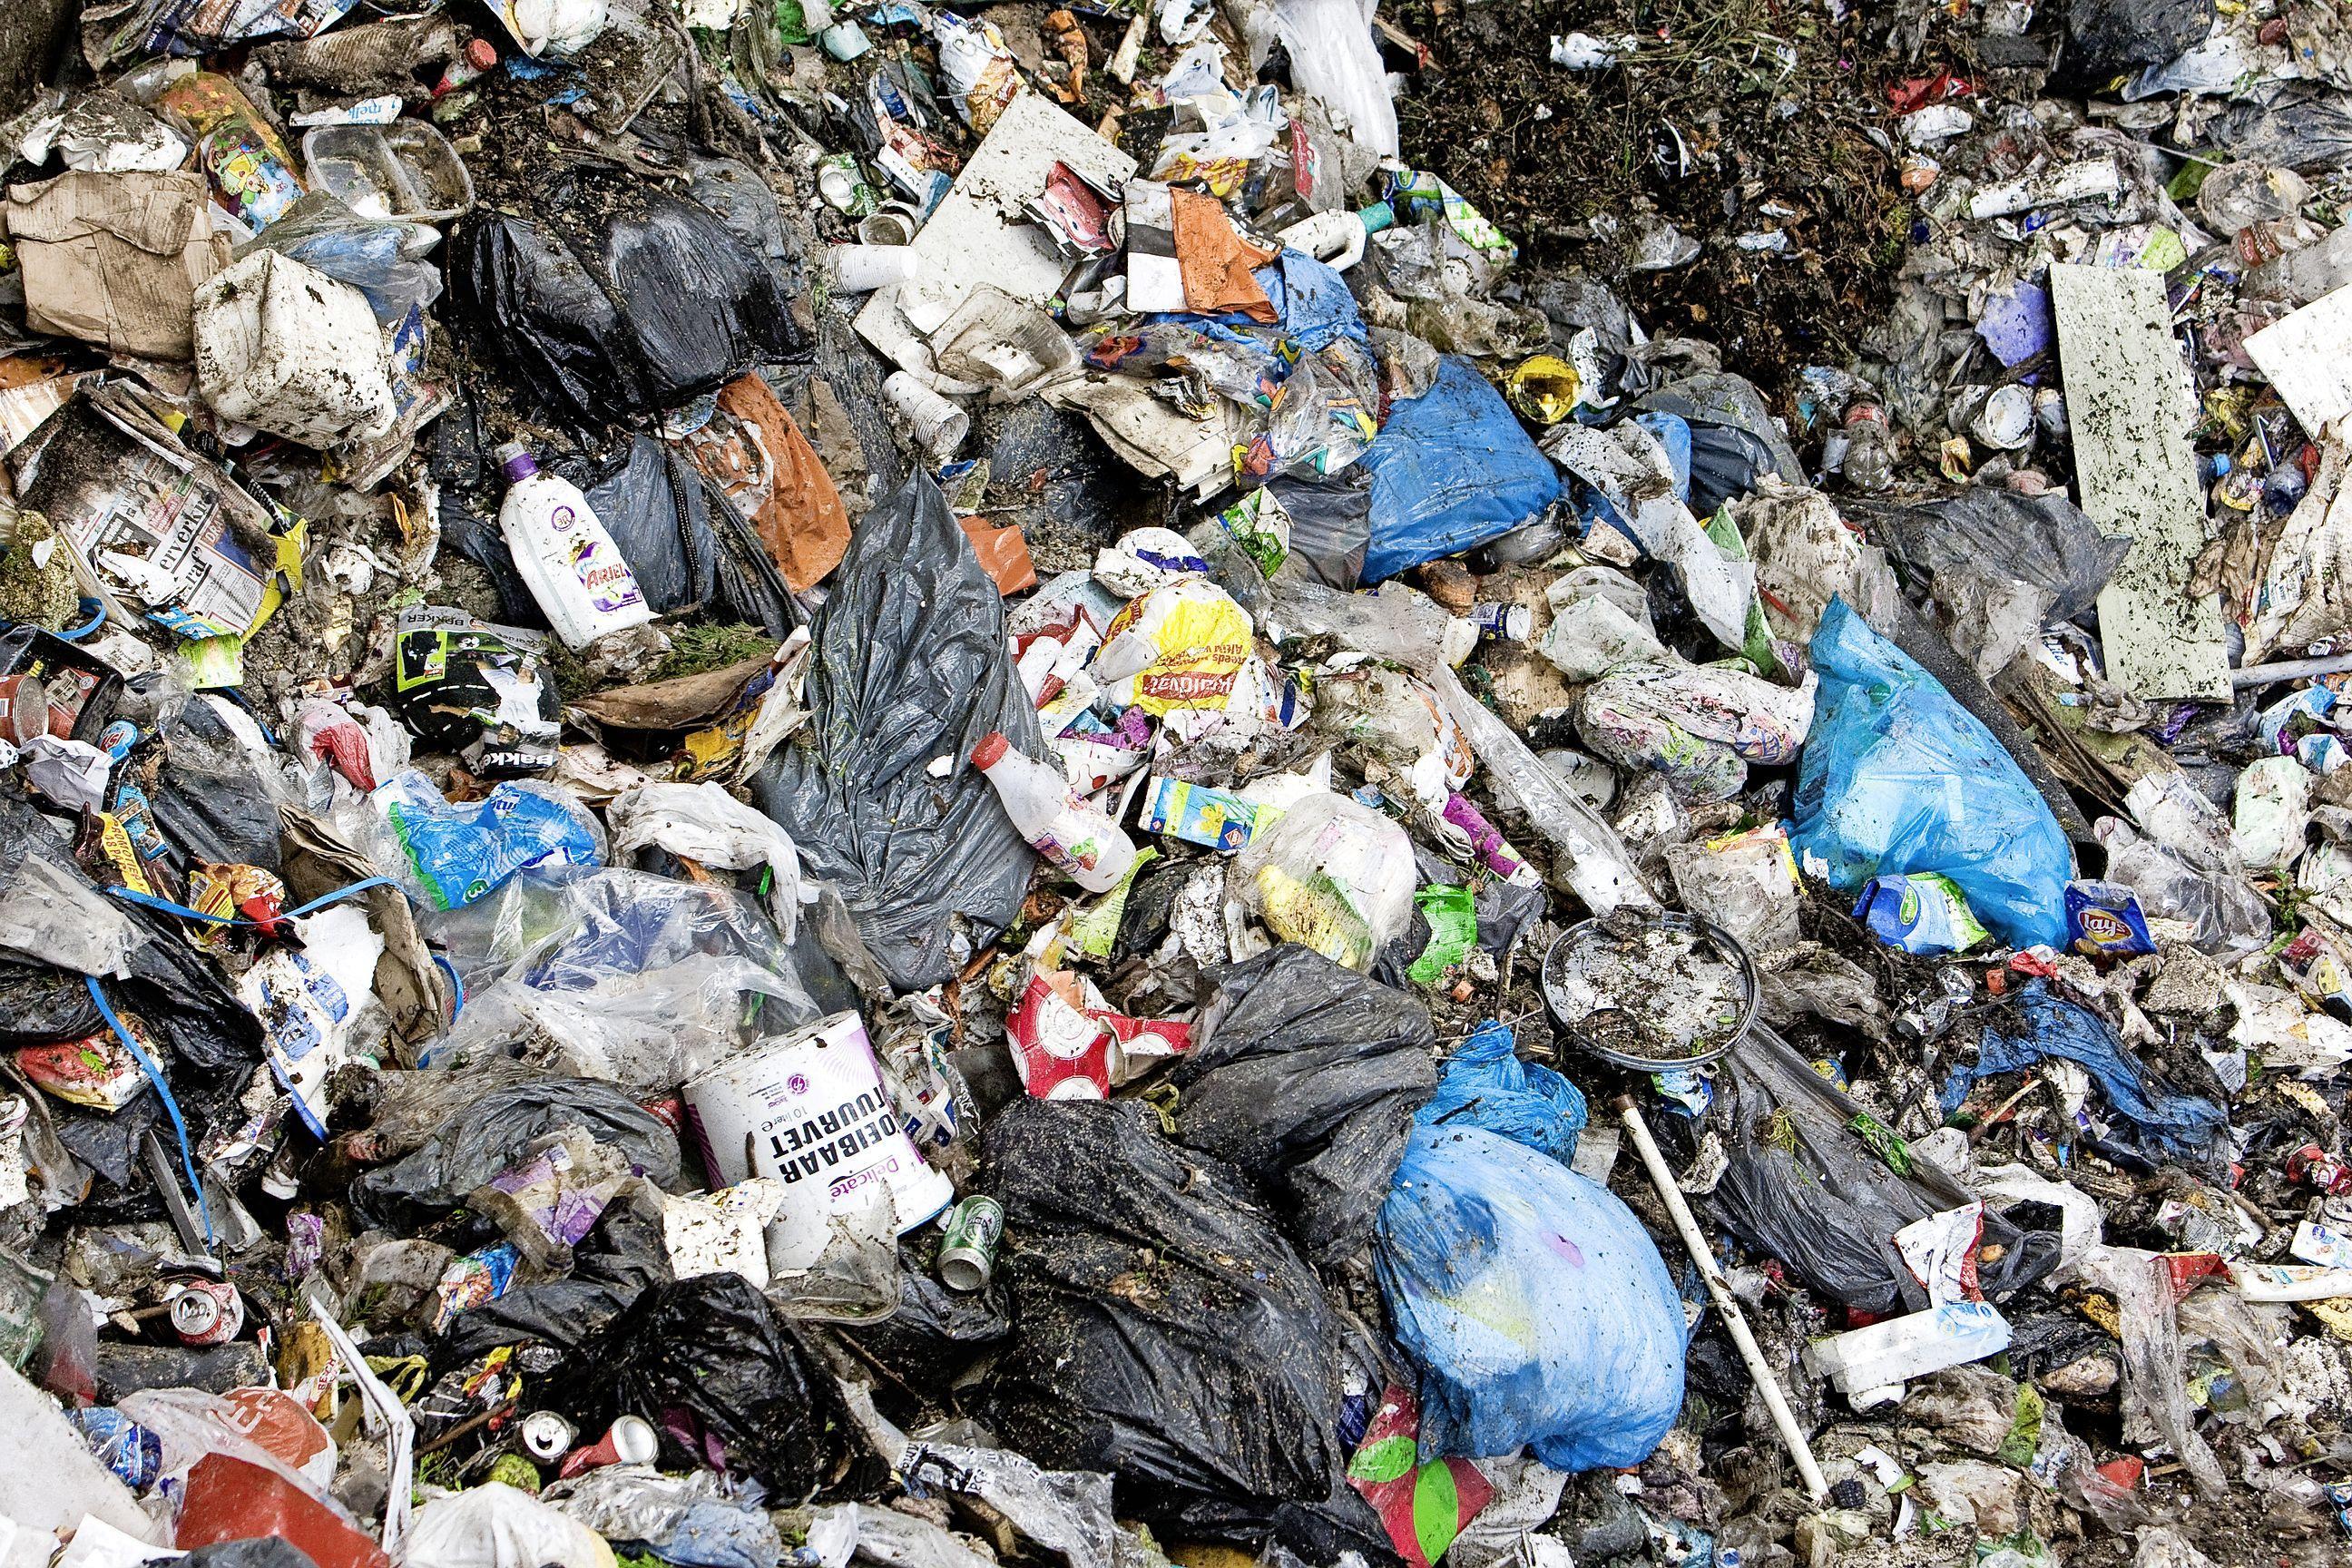 Door het vele thuiswerken in Kaag en Braassem daalde de hoeveelheid restafval niet maar was er een stijging